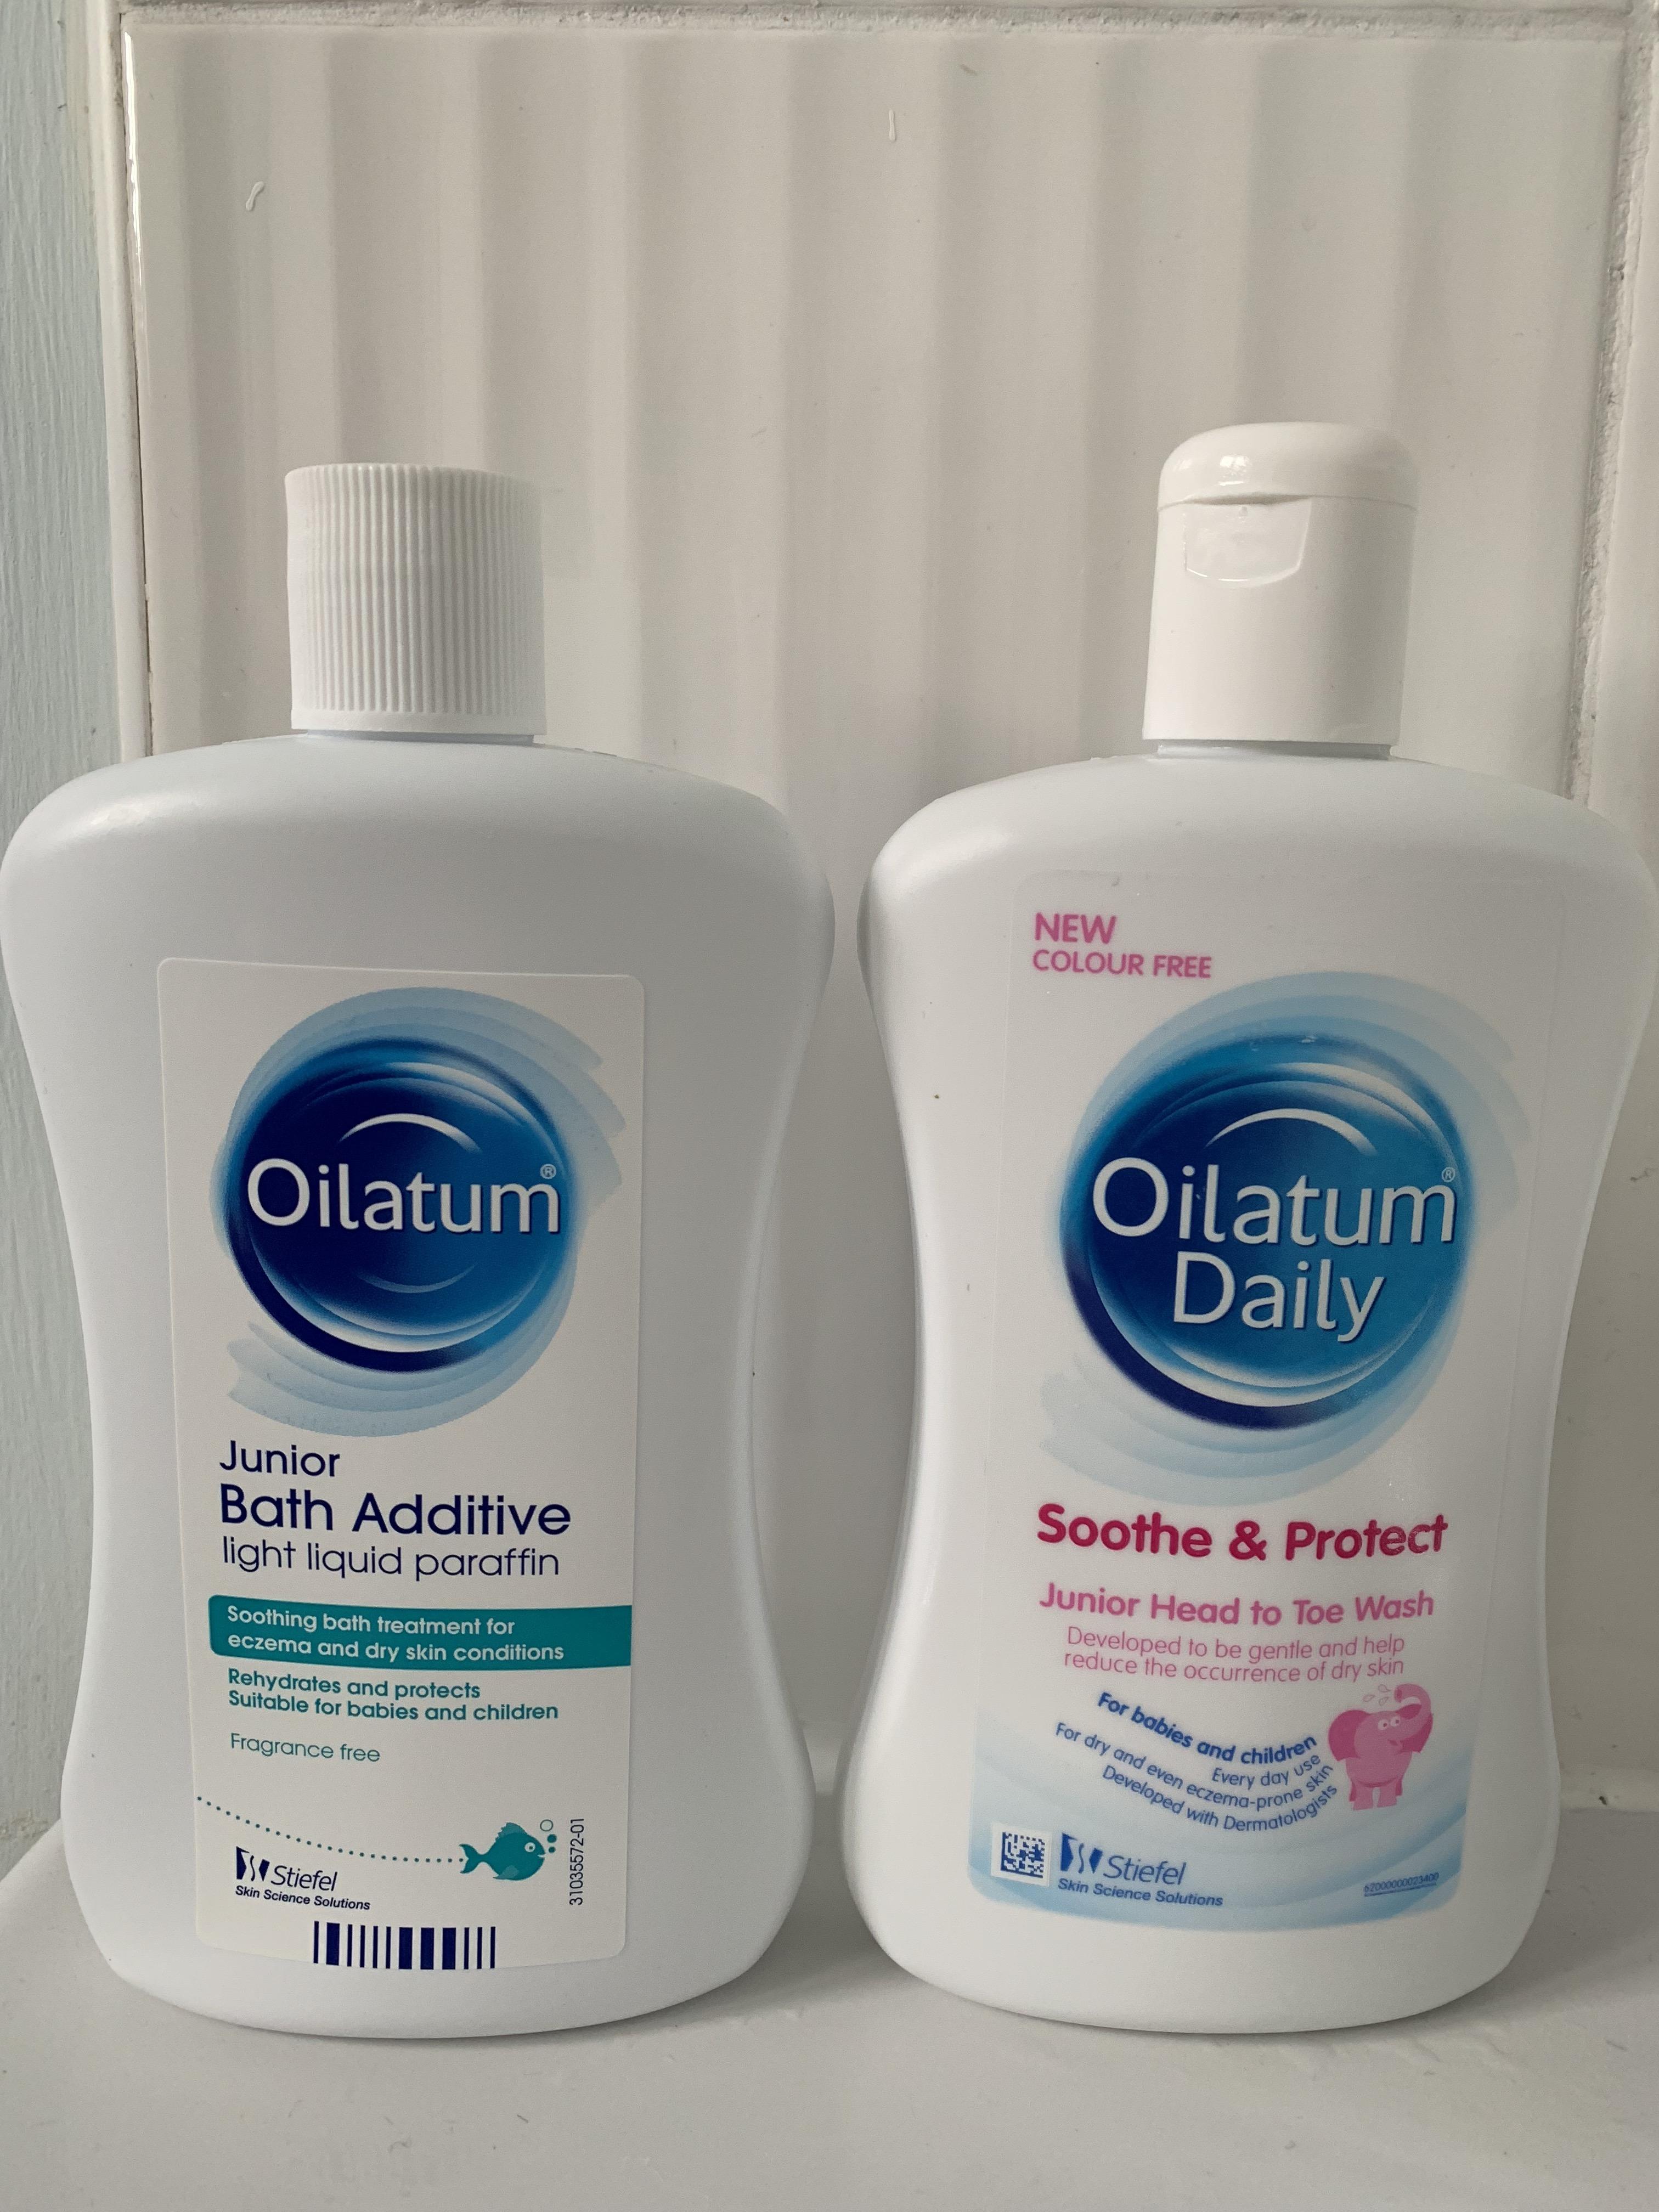 Oilatum Bath Additive and Head to Toe Wash